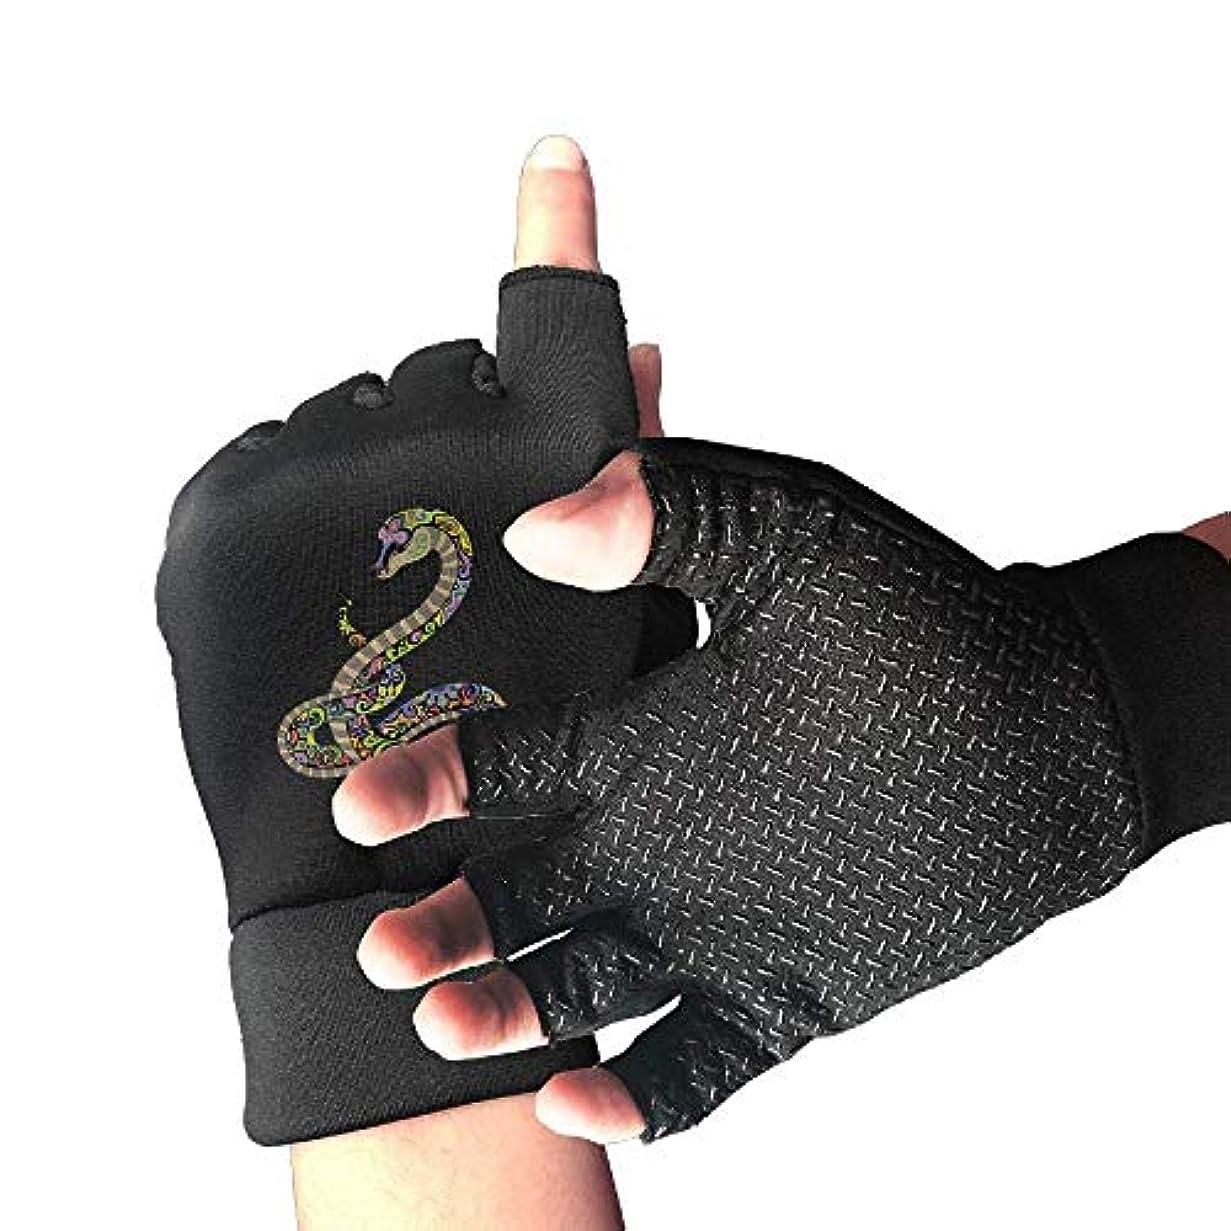 マニア電極男らしさサイクリンググローブカラフルなヘビメンズ/レディースマウンテンバイクの手袋ハーフフィンガースリップ防止オートバイの手袋